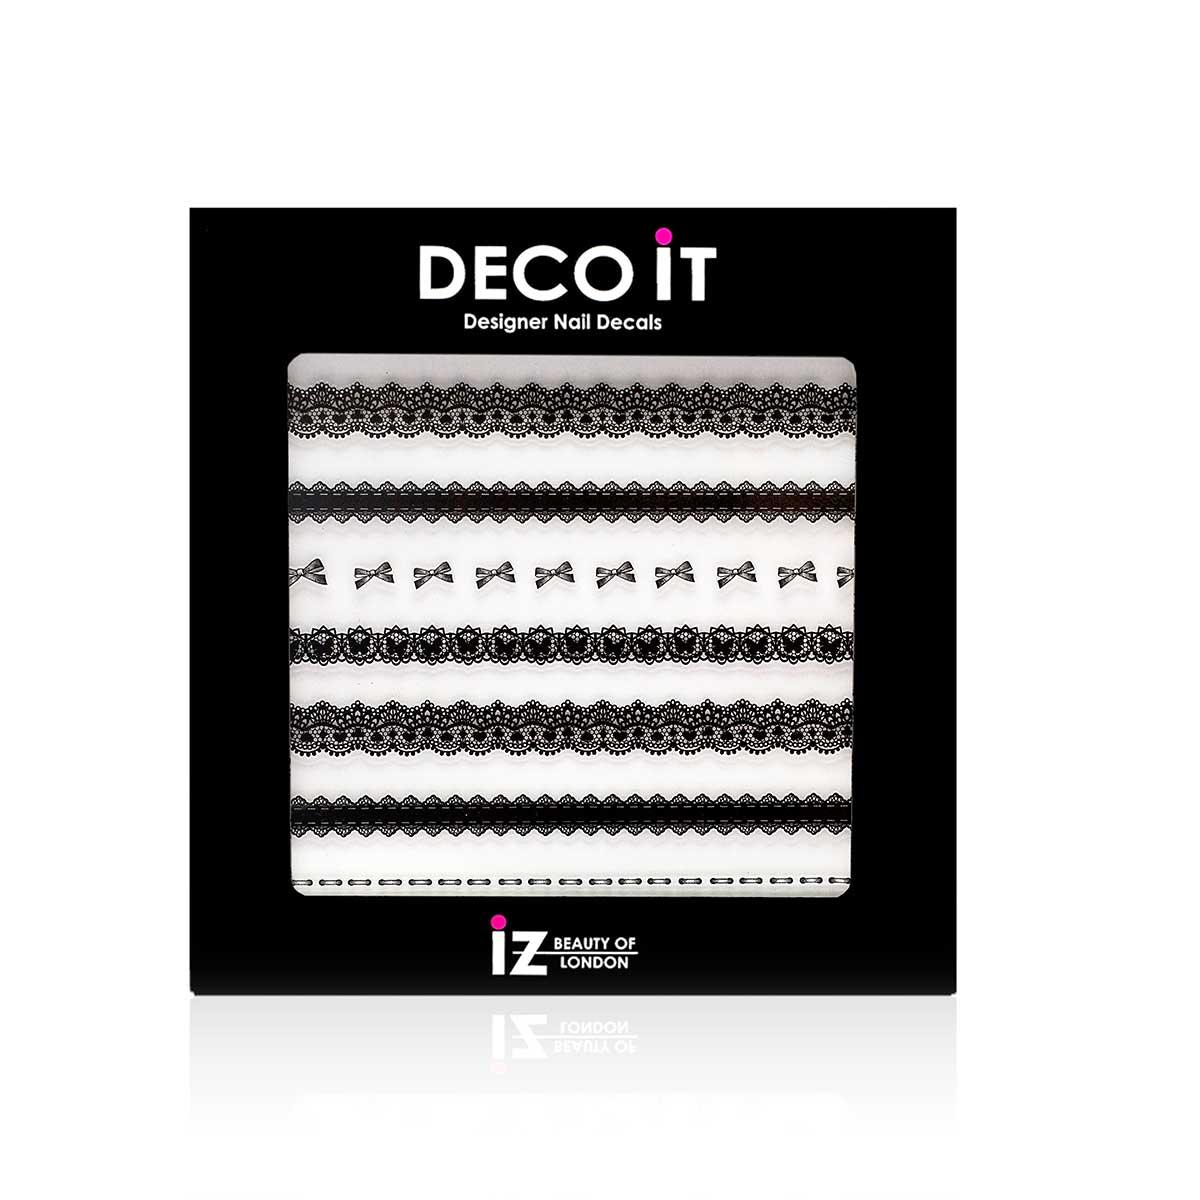 DECVLB-DECO-iT-Vintage-Lace-Black